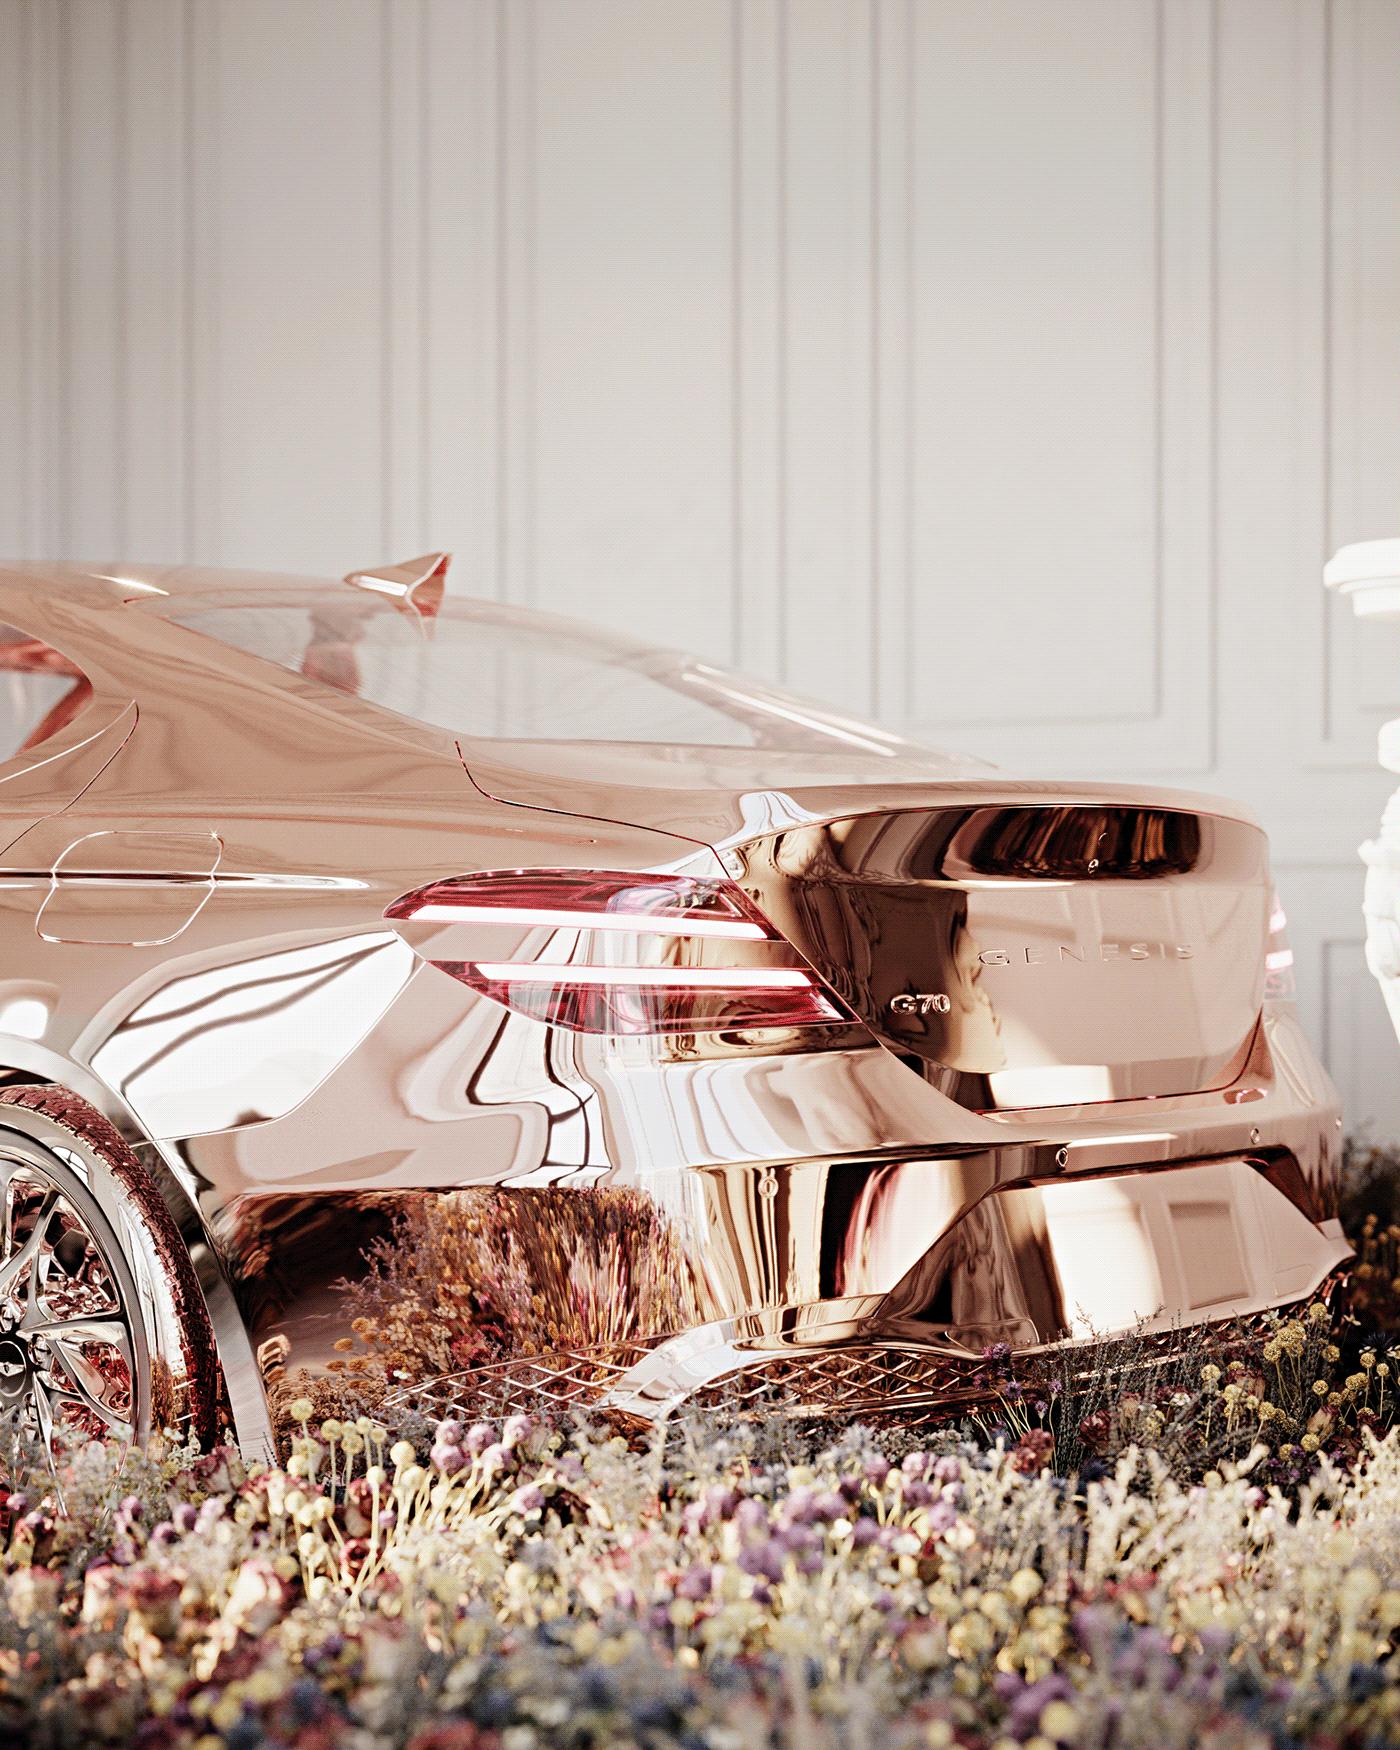 art series automotive   car car art Cars chrome Flowers genesis reflective scuplture